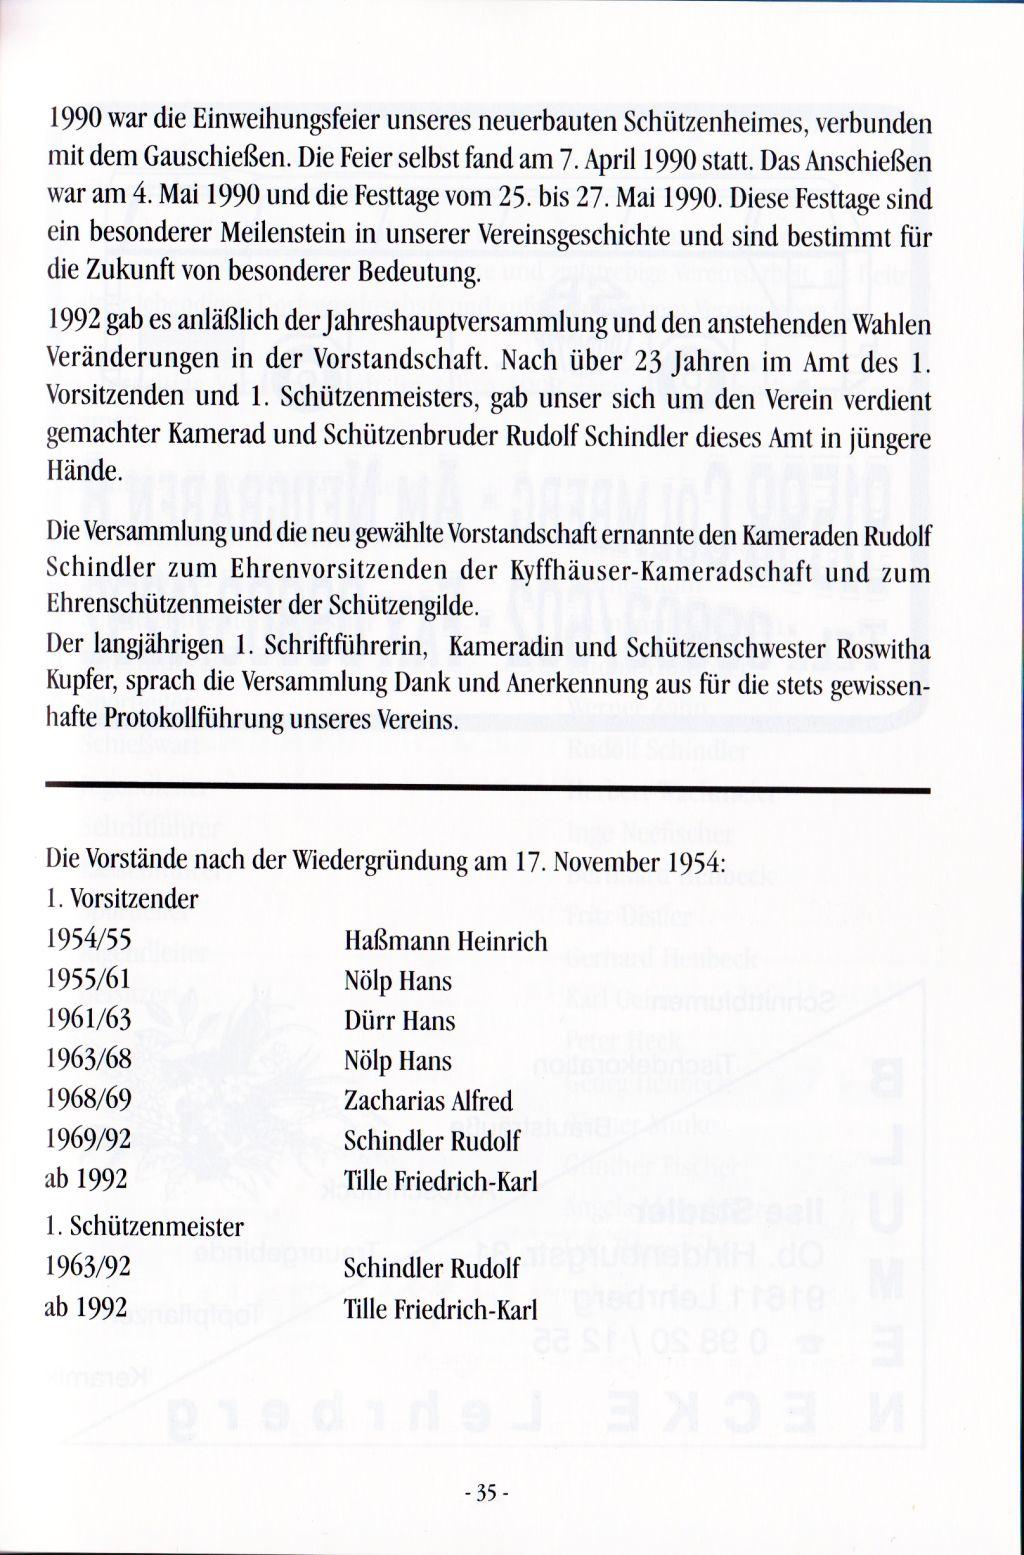 Geschichte_Kyffhaeuser_Seite12